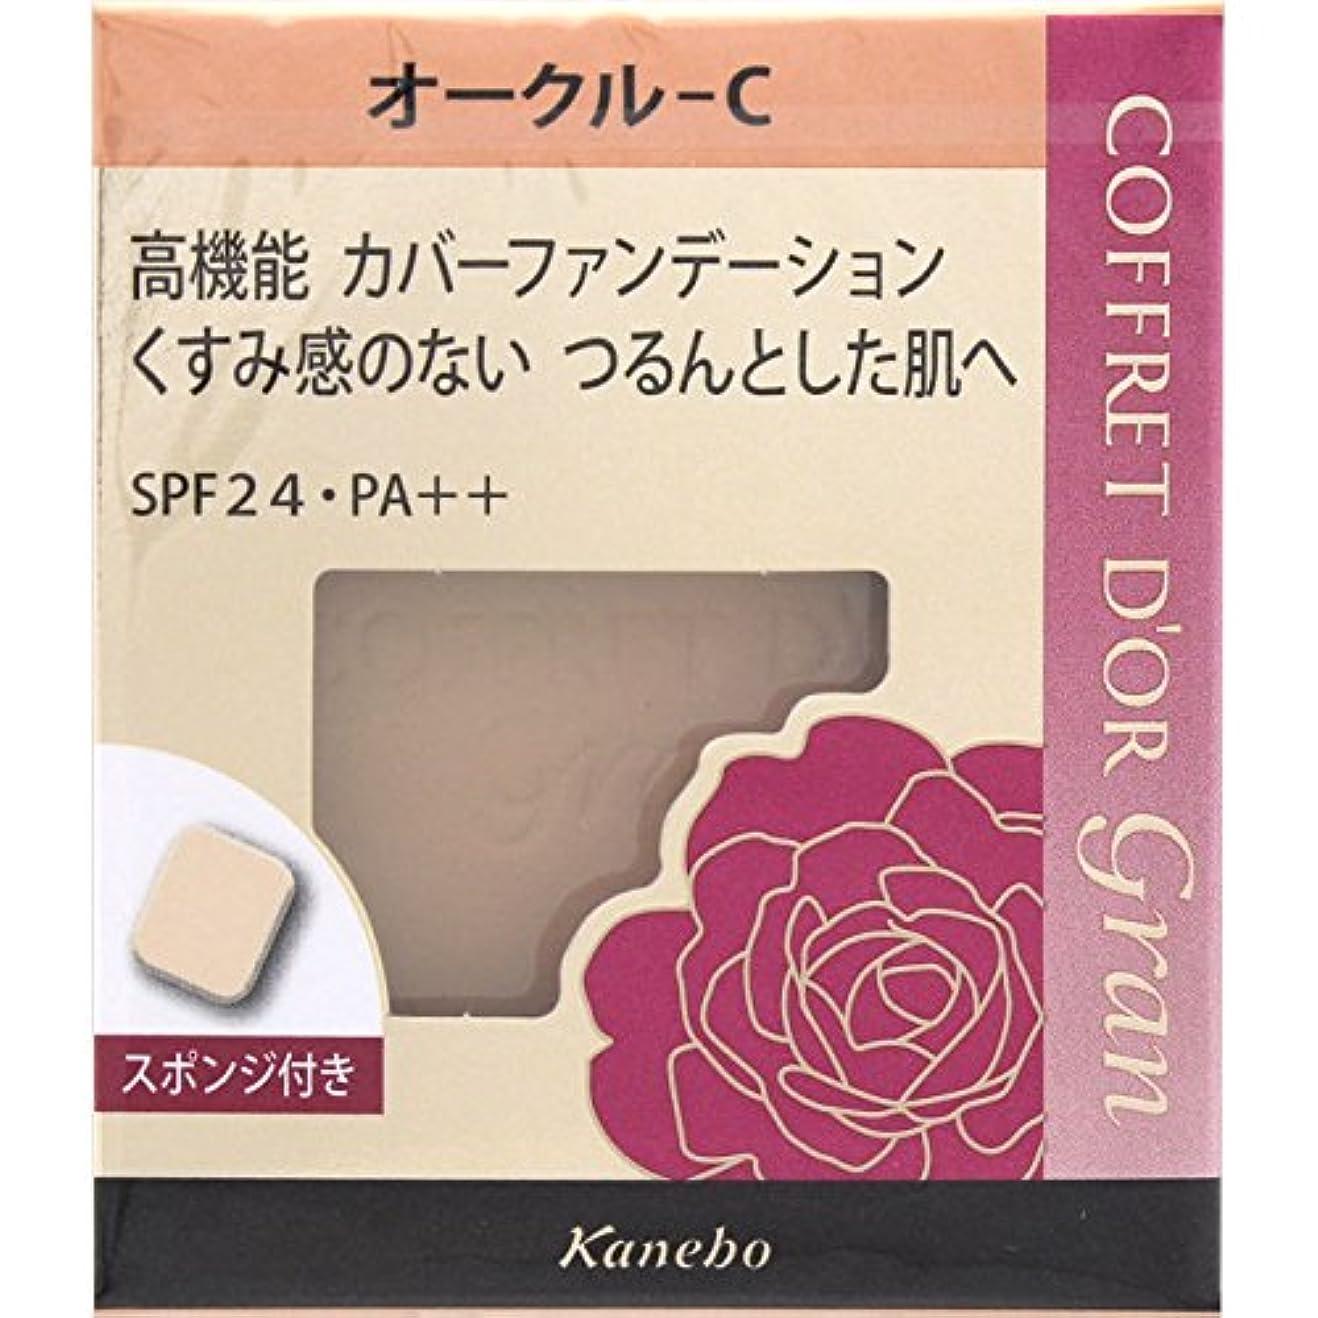 車劇作家ギターカネボウ(Kanebo) コフレドールグランカバーフィットパクトUVII《10.5g》<カラー:オークルC>